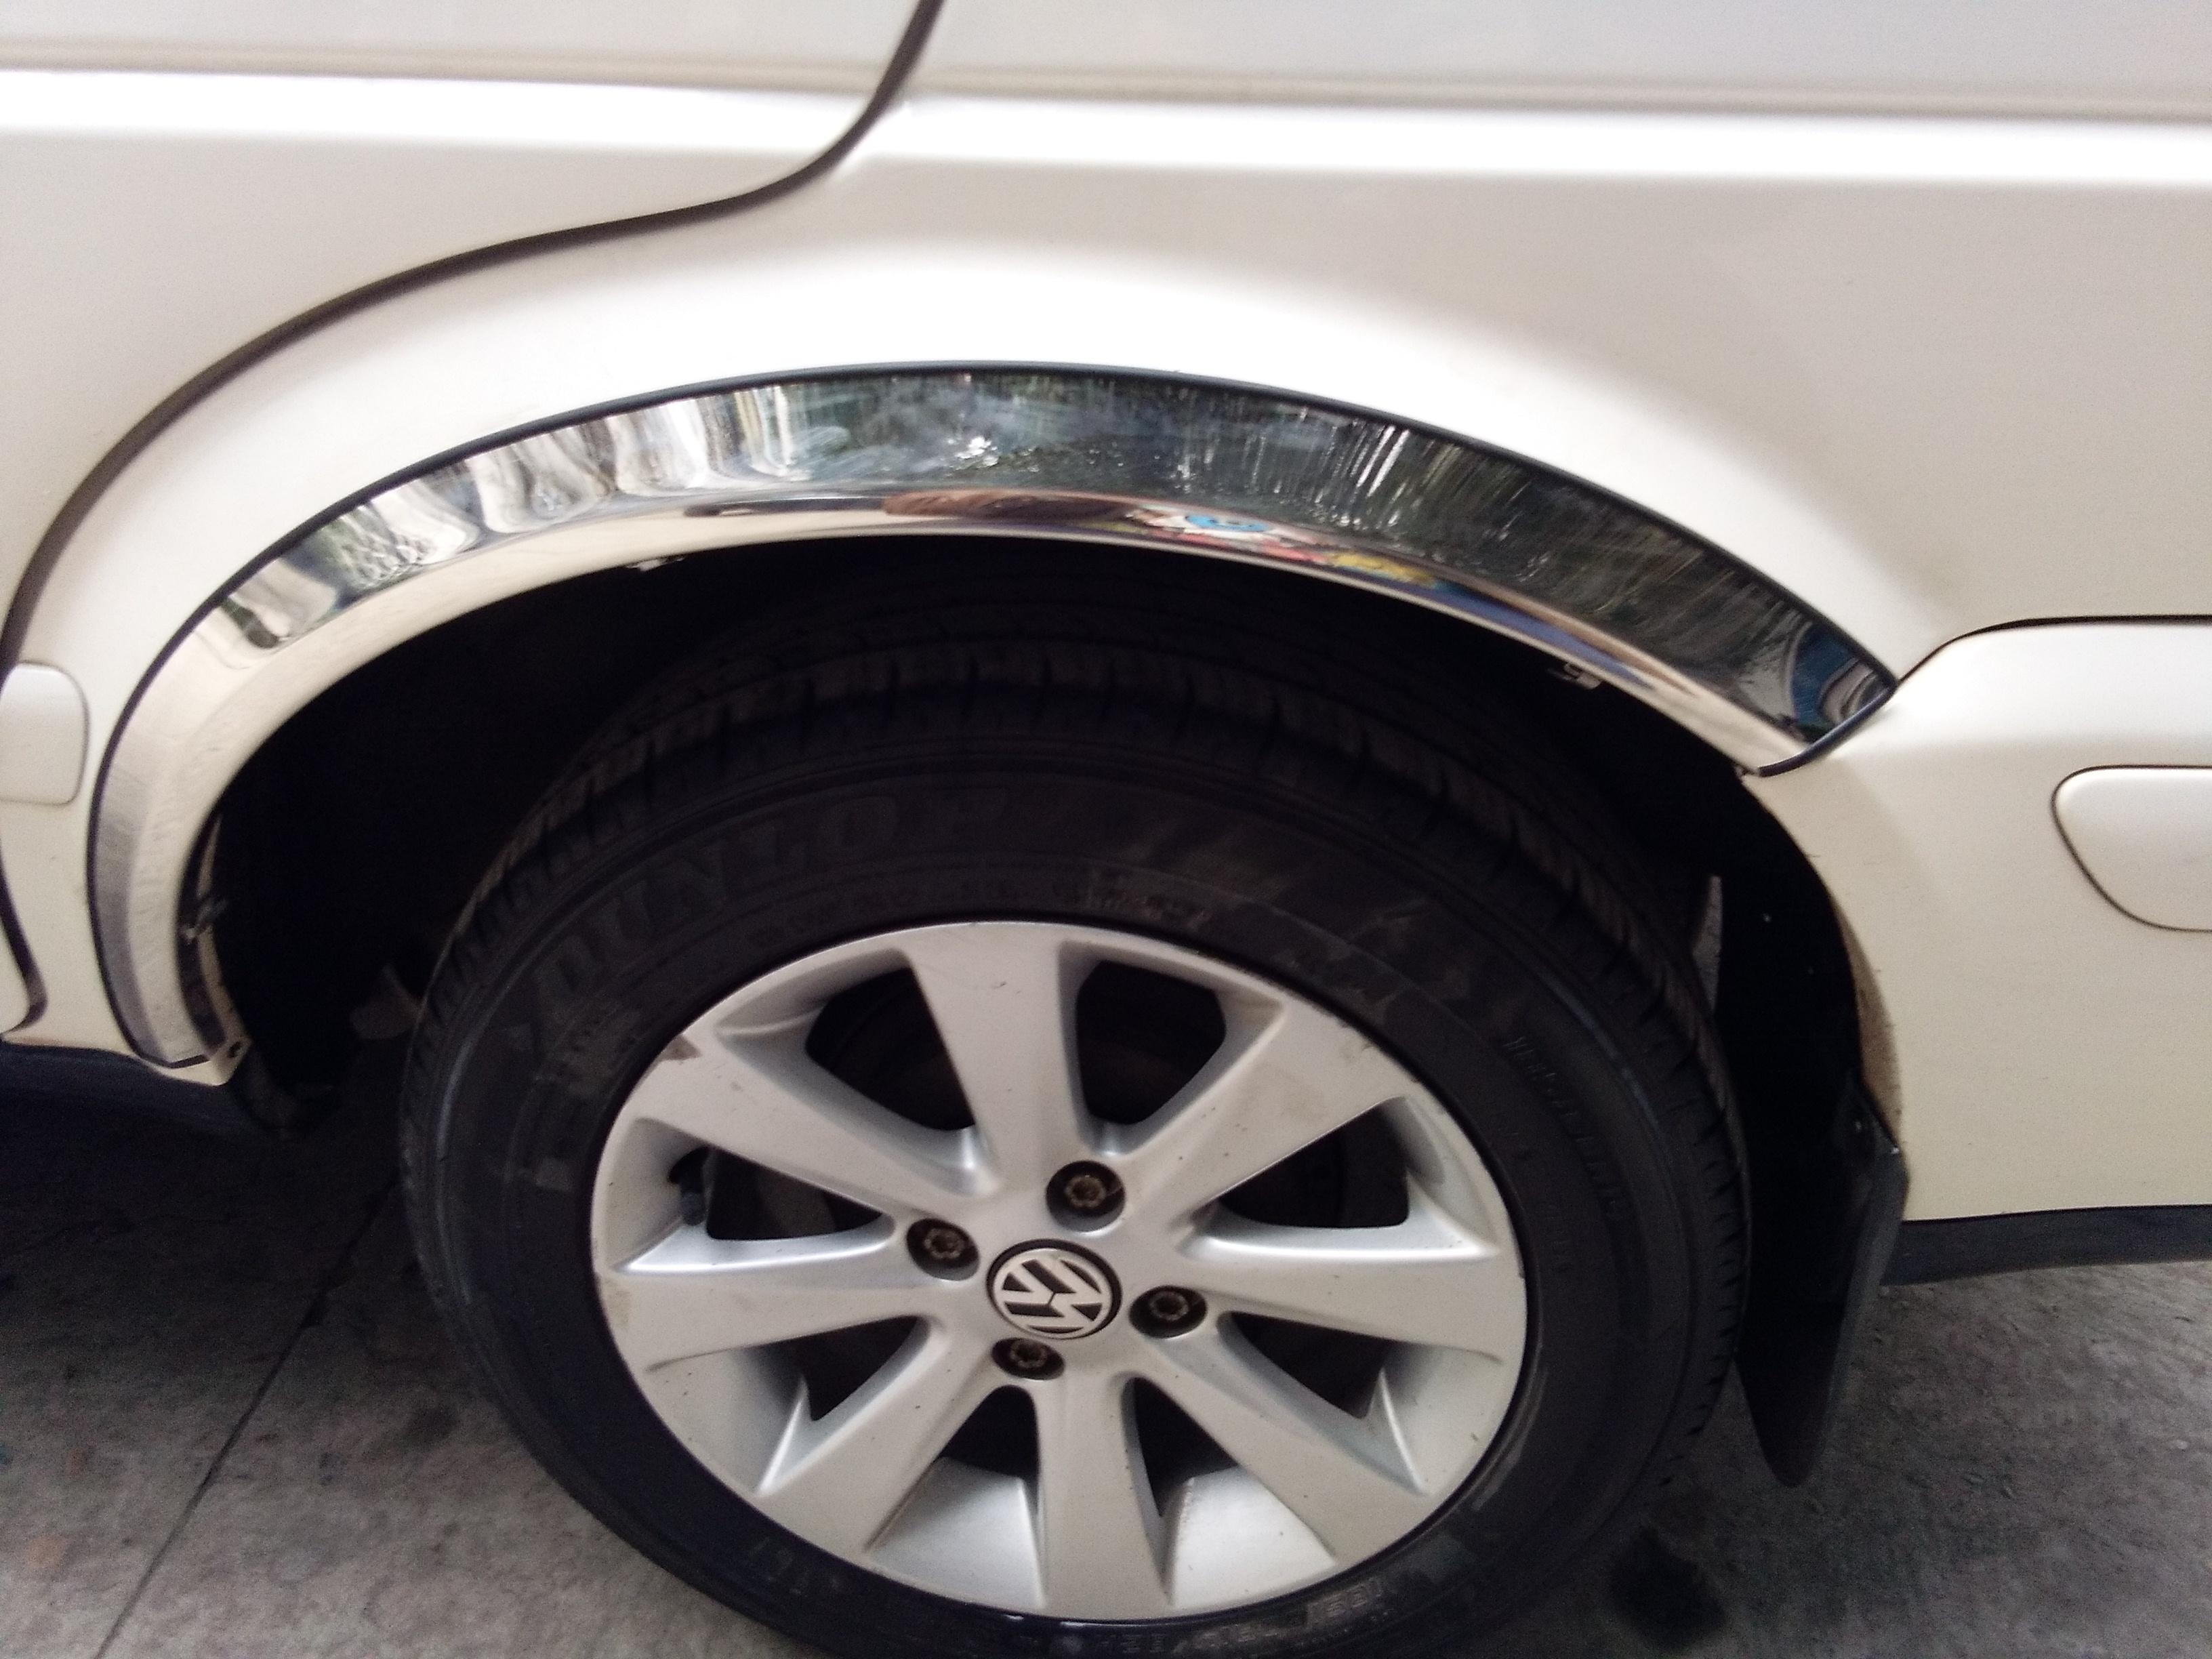 Volkswagen 98--04--17 лет новый старый стиль jetta (китай) Боковая брови для обновленная Отделка бровей из нержавеющей стали полосатый jetta (китай)